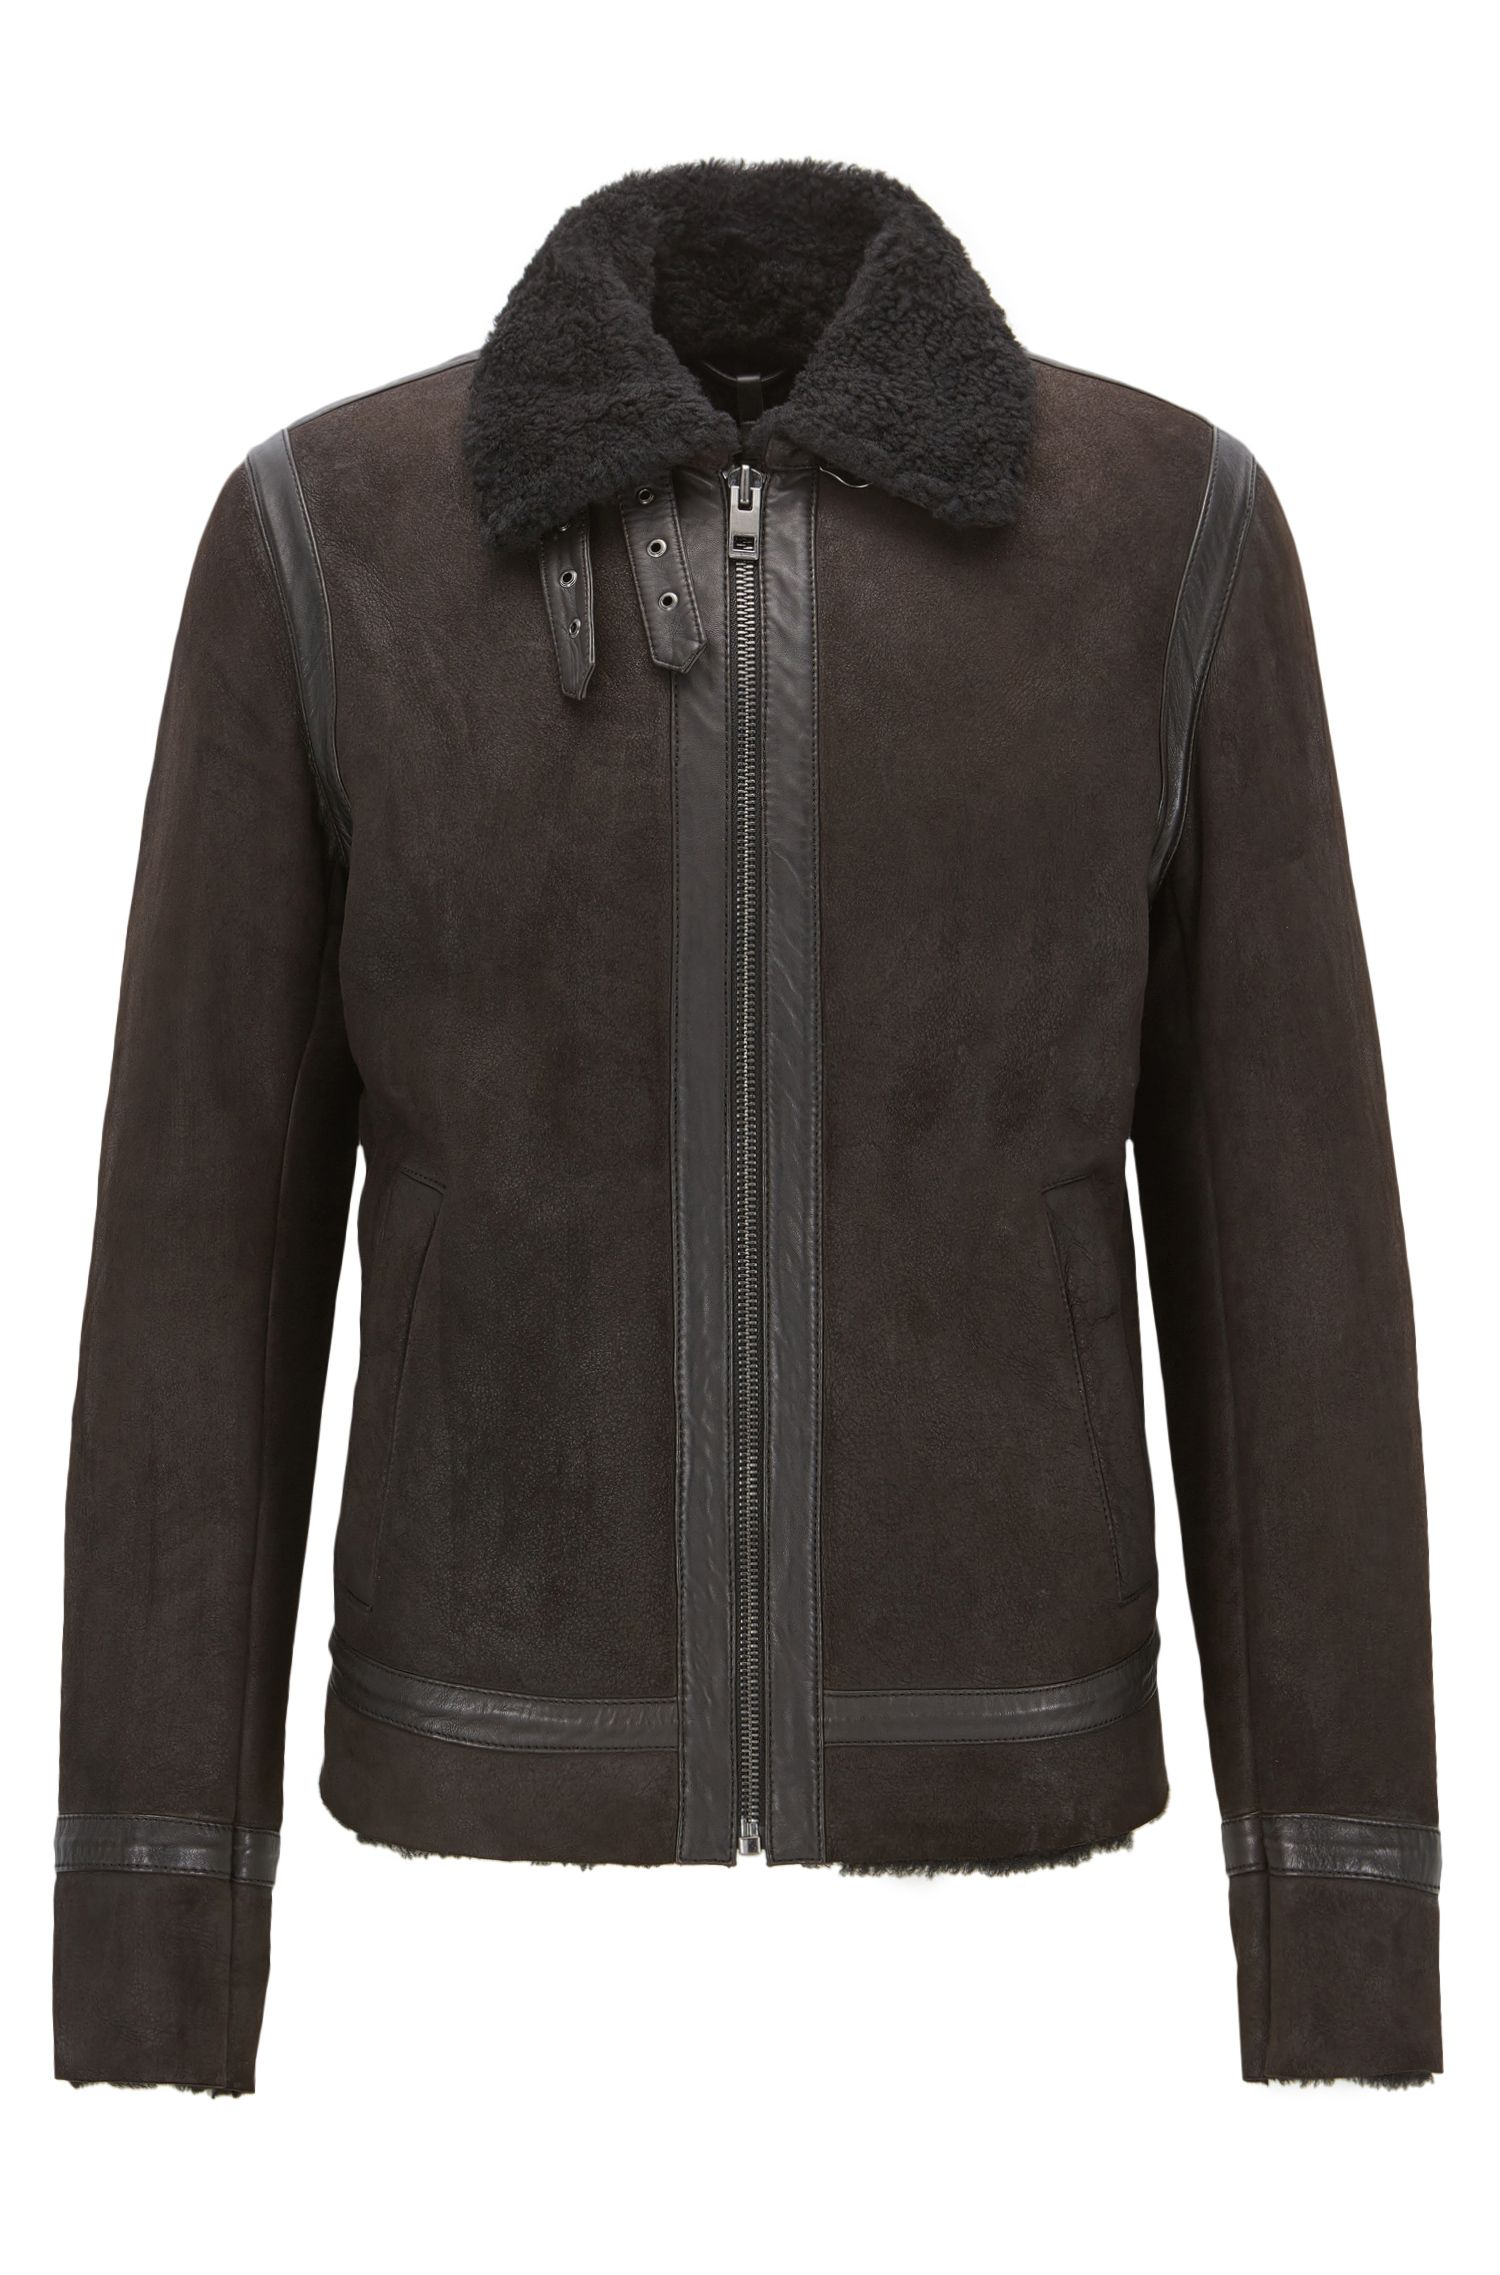 Shearling Suede Jacket | Jearling , Dark Brown